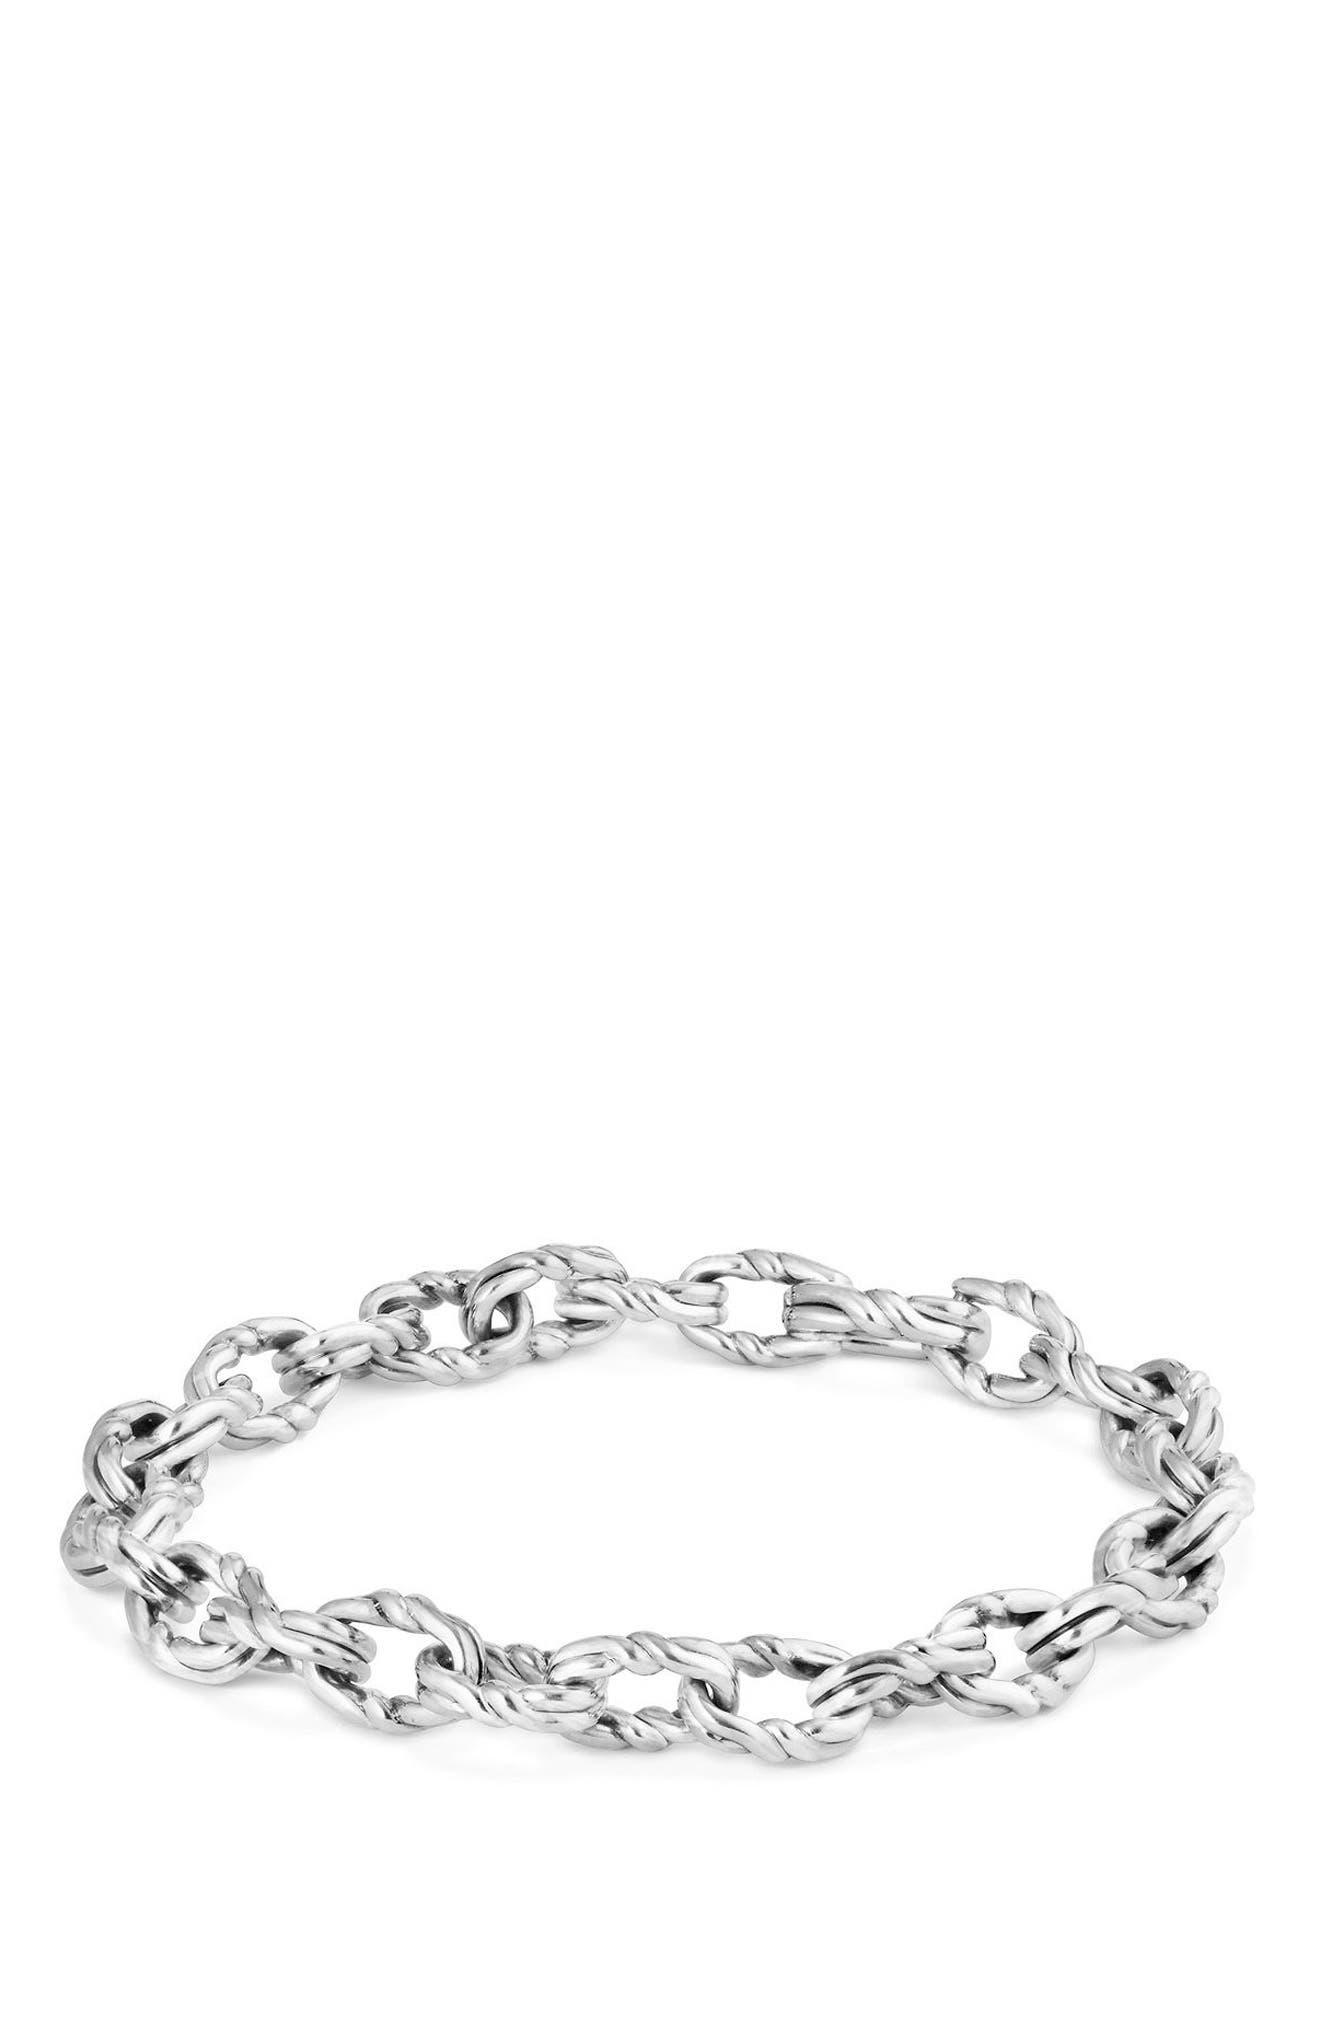 Continuance Chain Bracelet,                         Main,                         color, SILVER